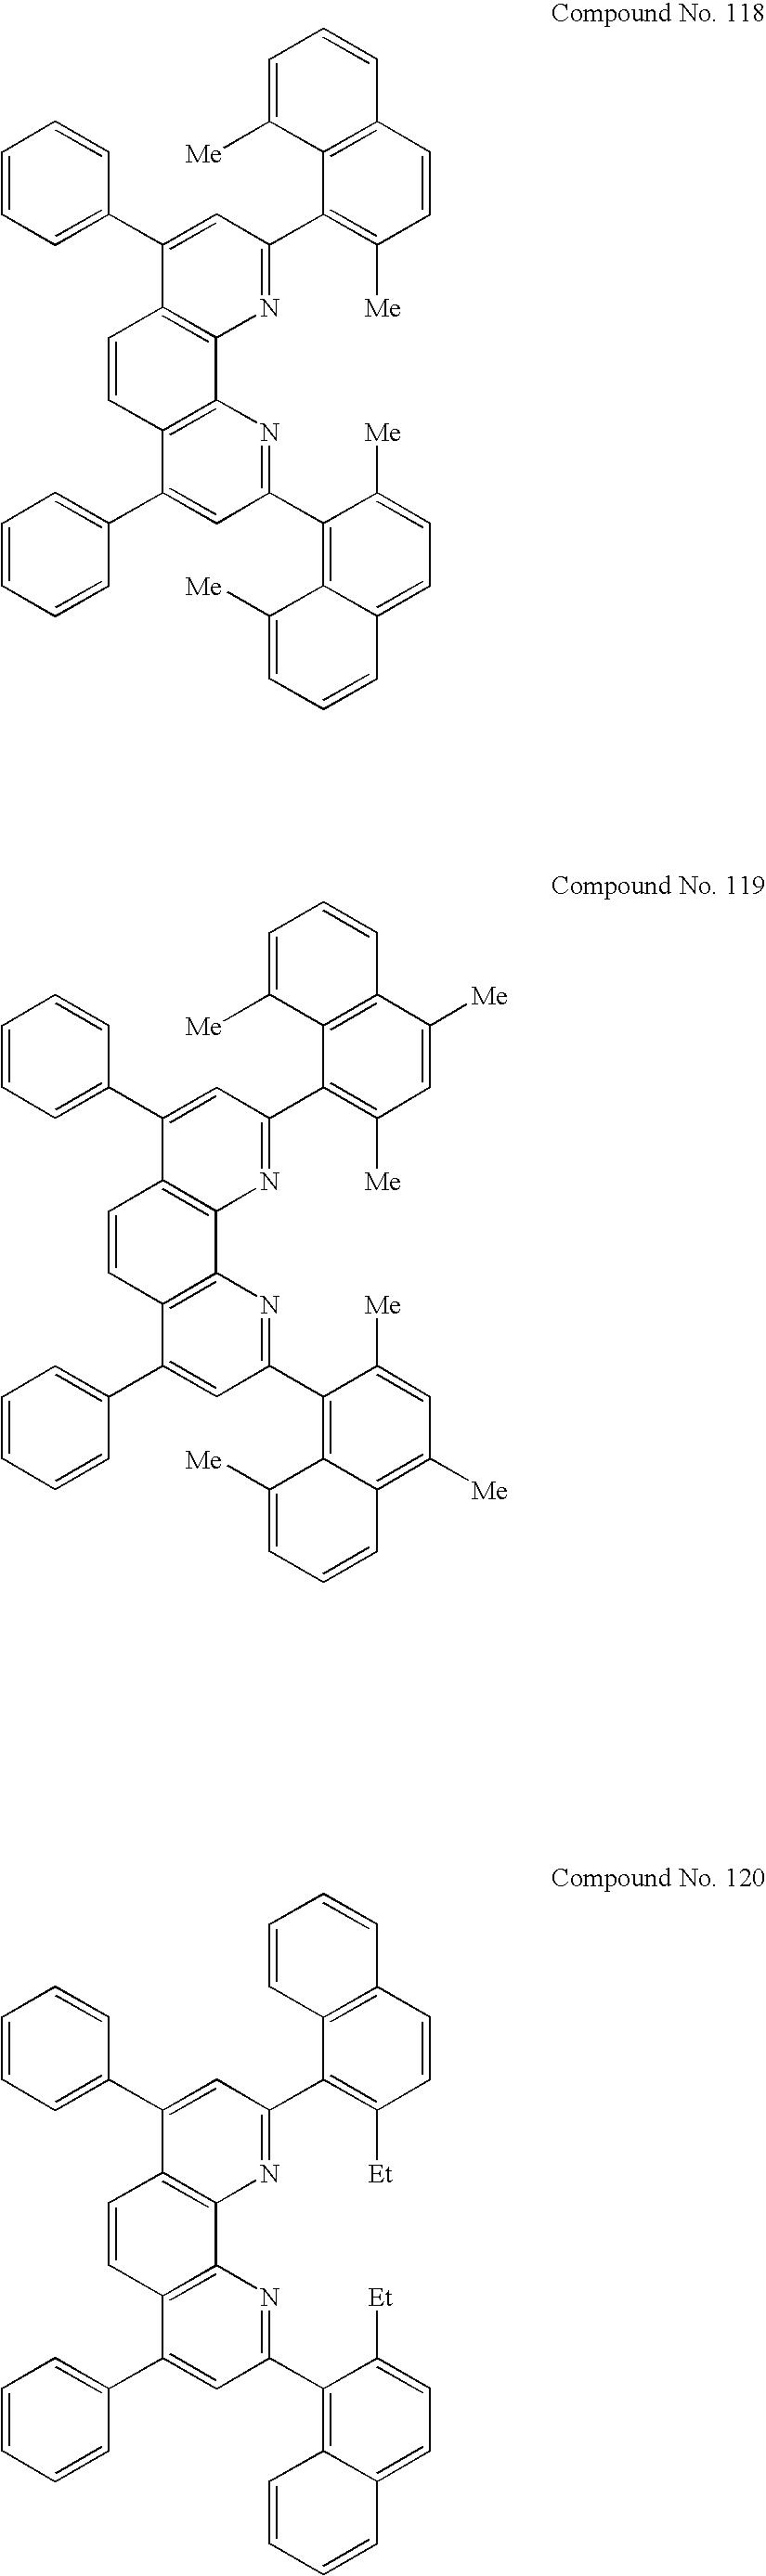 Figure US20050073641A1-20050407-C00038